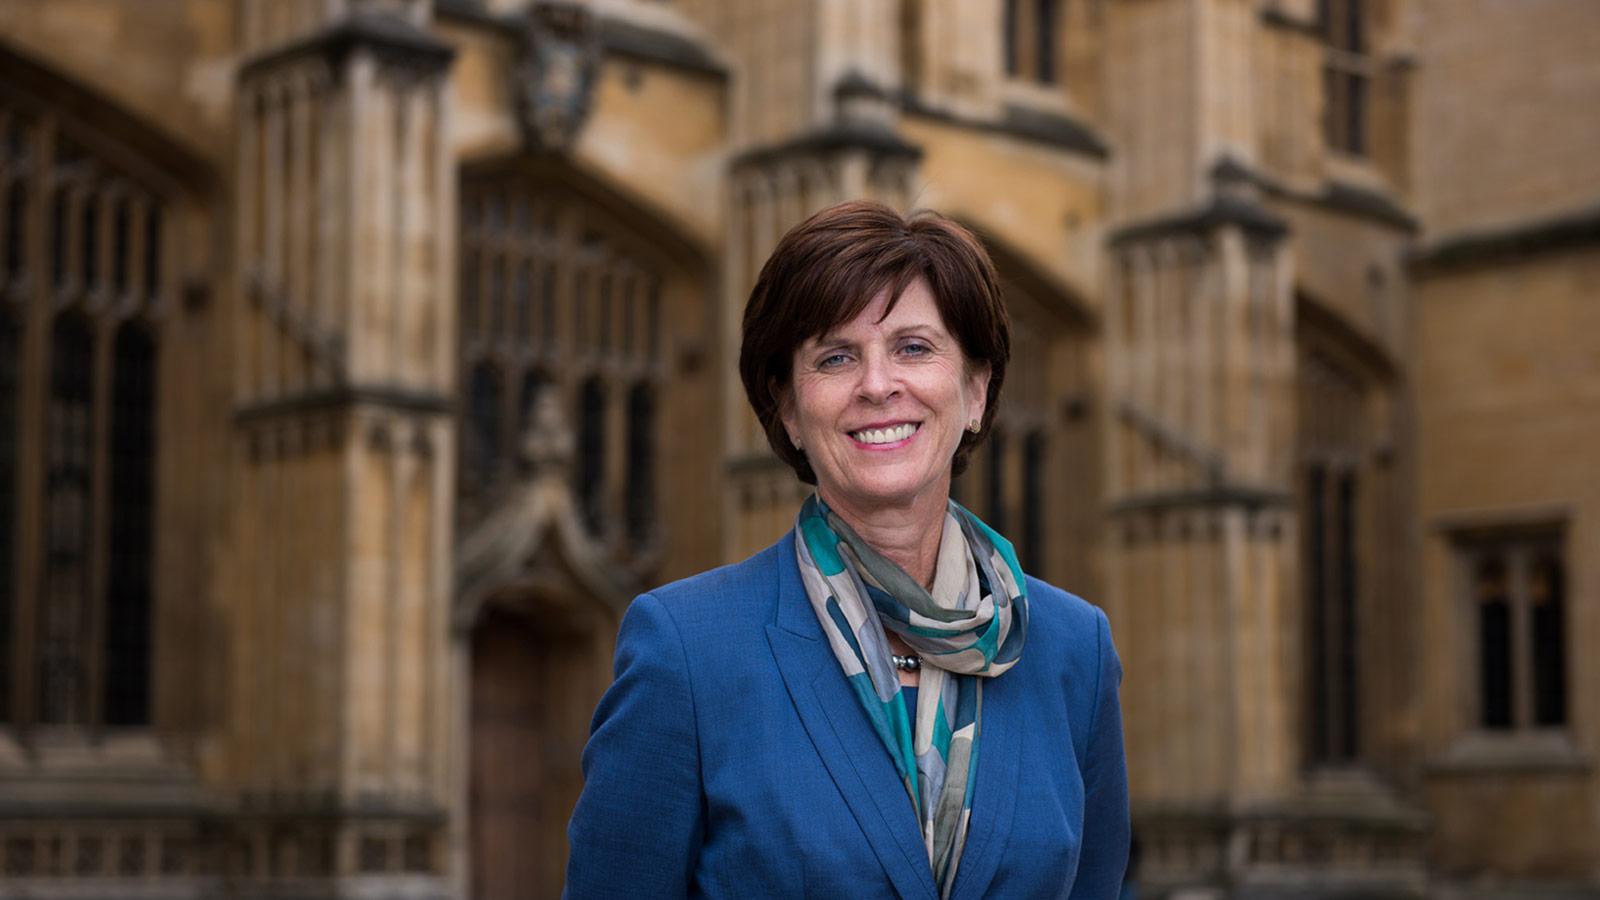 The Vice-Chancellor, Professor Louise Richardson